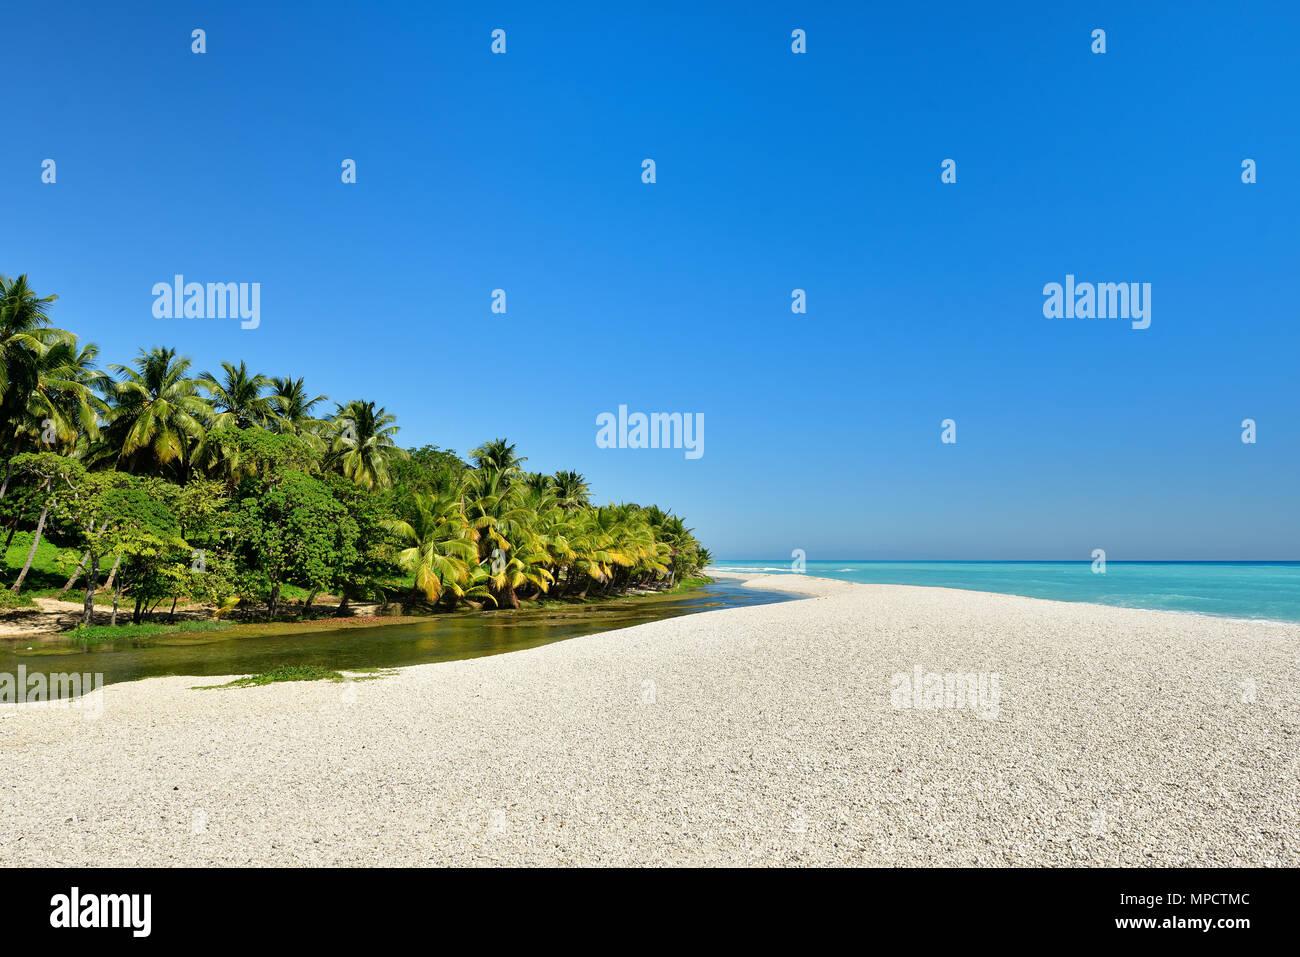 Selvatica sulla spiaggia a sud-ovest della Repubblica Dominicana in chiusura del Paraiso village Immagini Stock